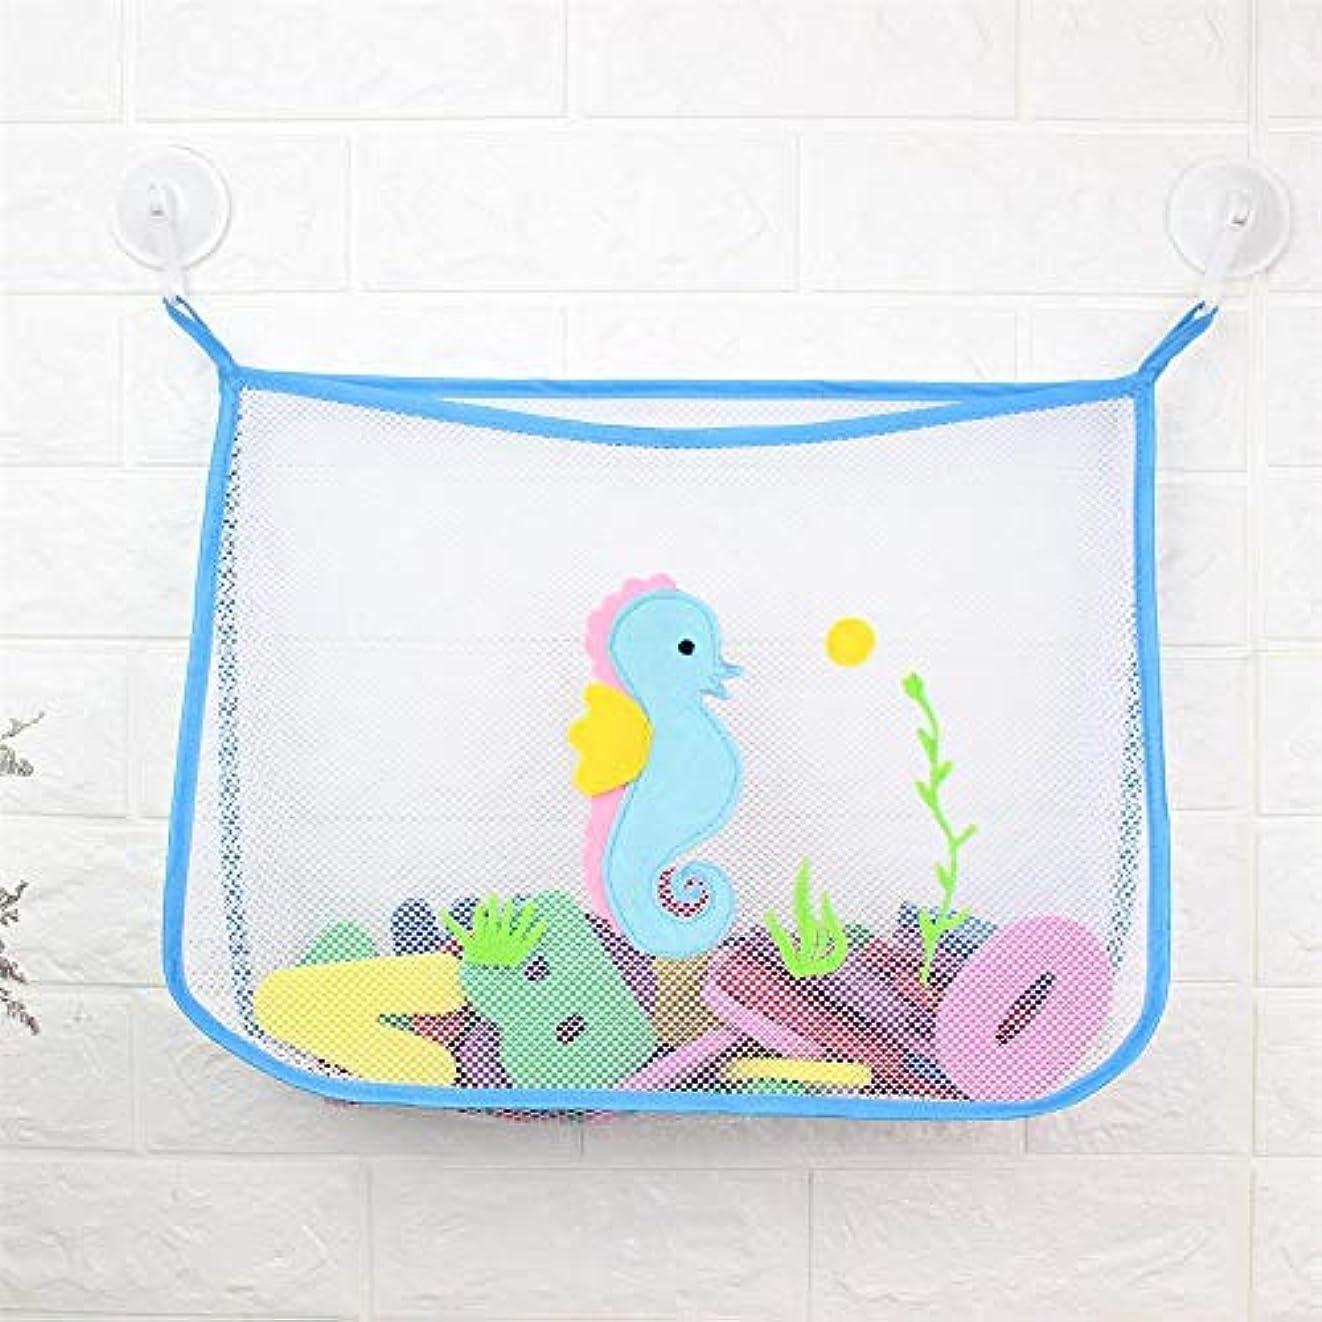 助けになる検出湿ったベビーシャワー風呂のおもちゃ小さなアヒル小さなカエルの赤ちゃん子供のおもちゃ収納メッシュで強い吸盤玩具バッグネット浴室オーガナイザー (青)